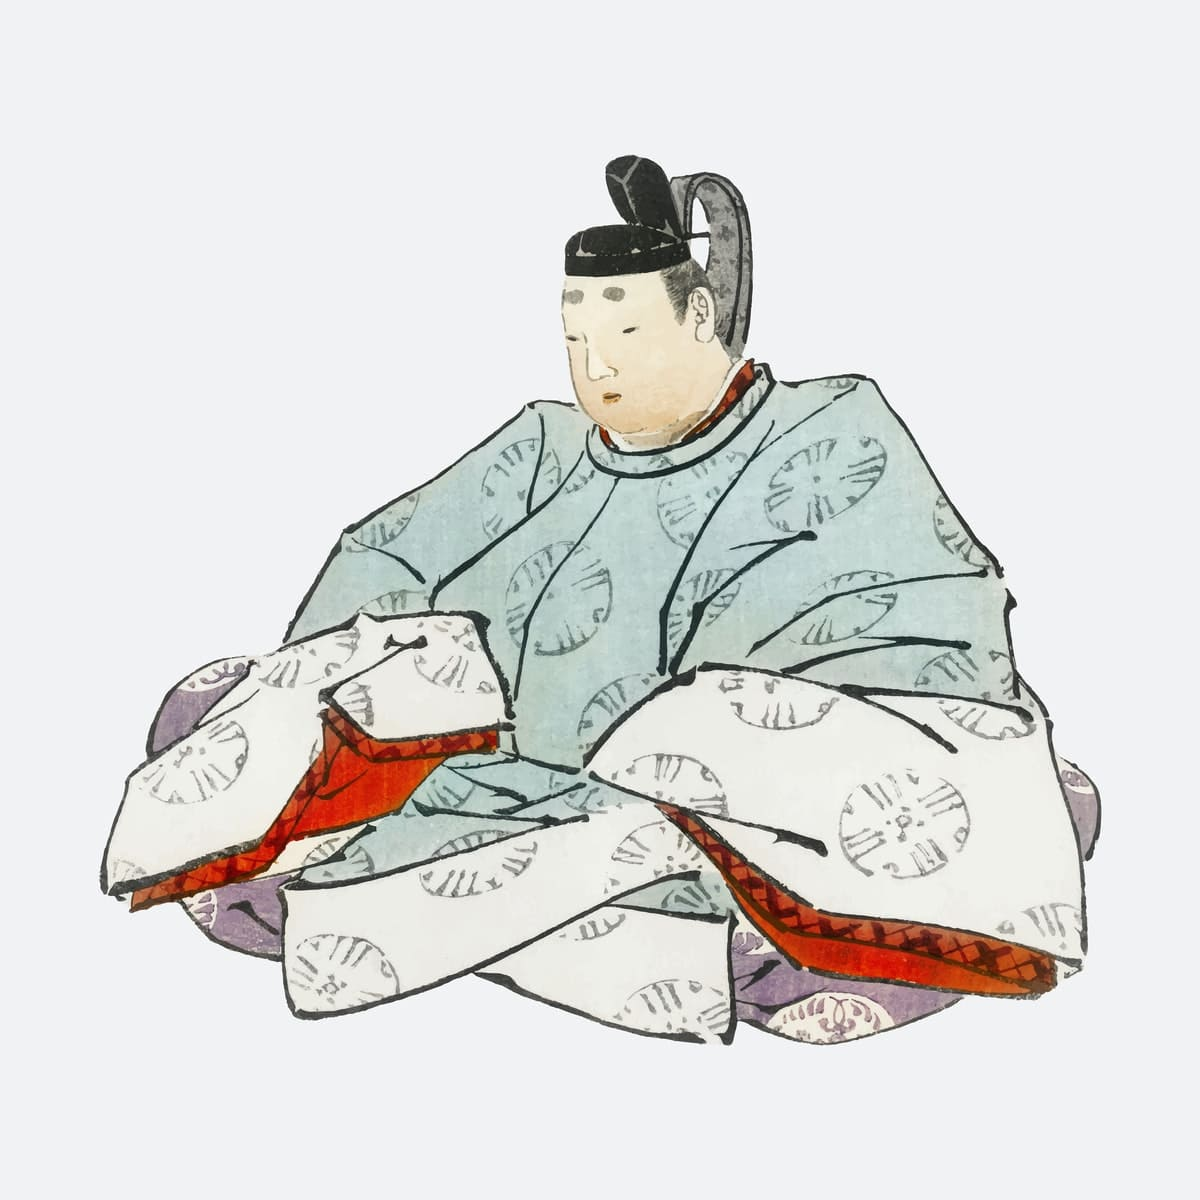 peinture d'un shogun du Japon féodal